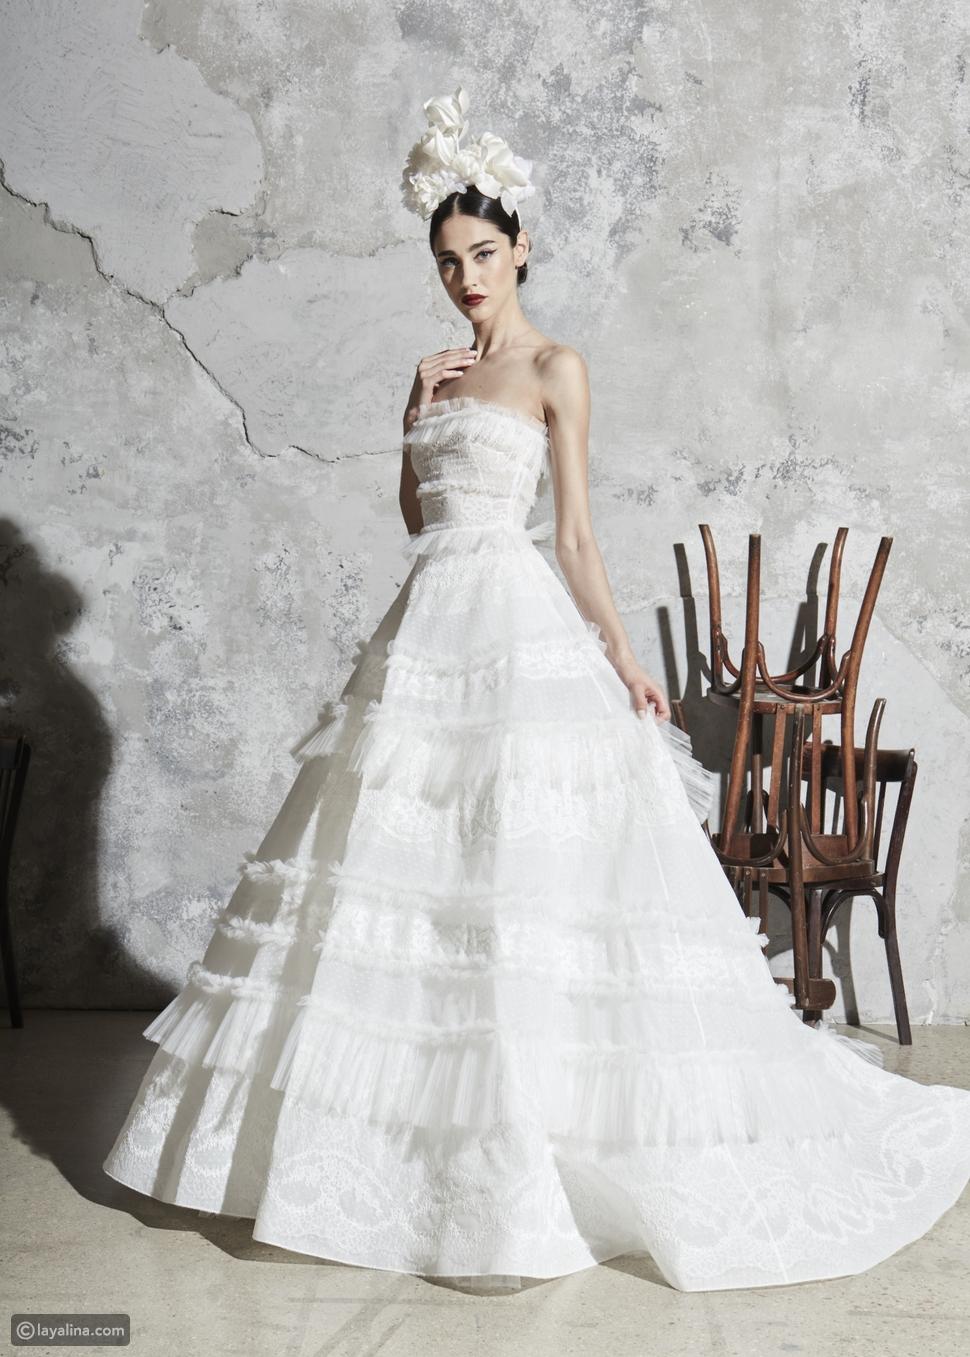 تفاصيل تقليدية للعروس العصري من مجموعة زهير مراد 2020